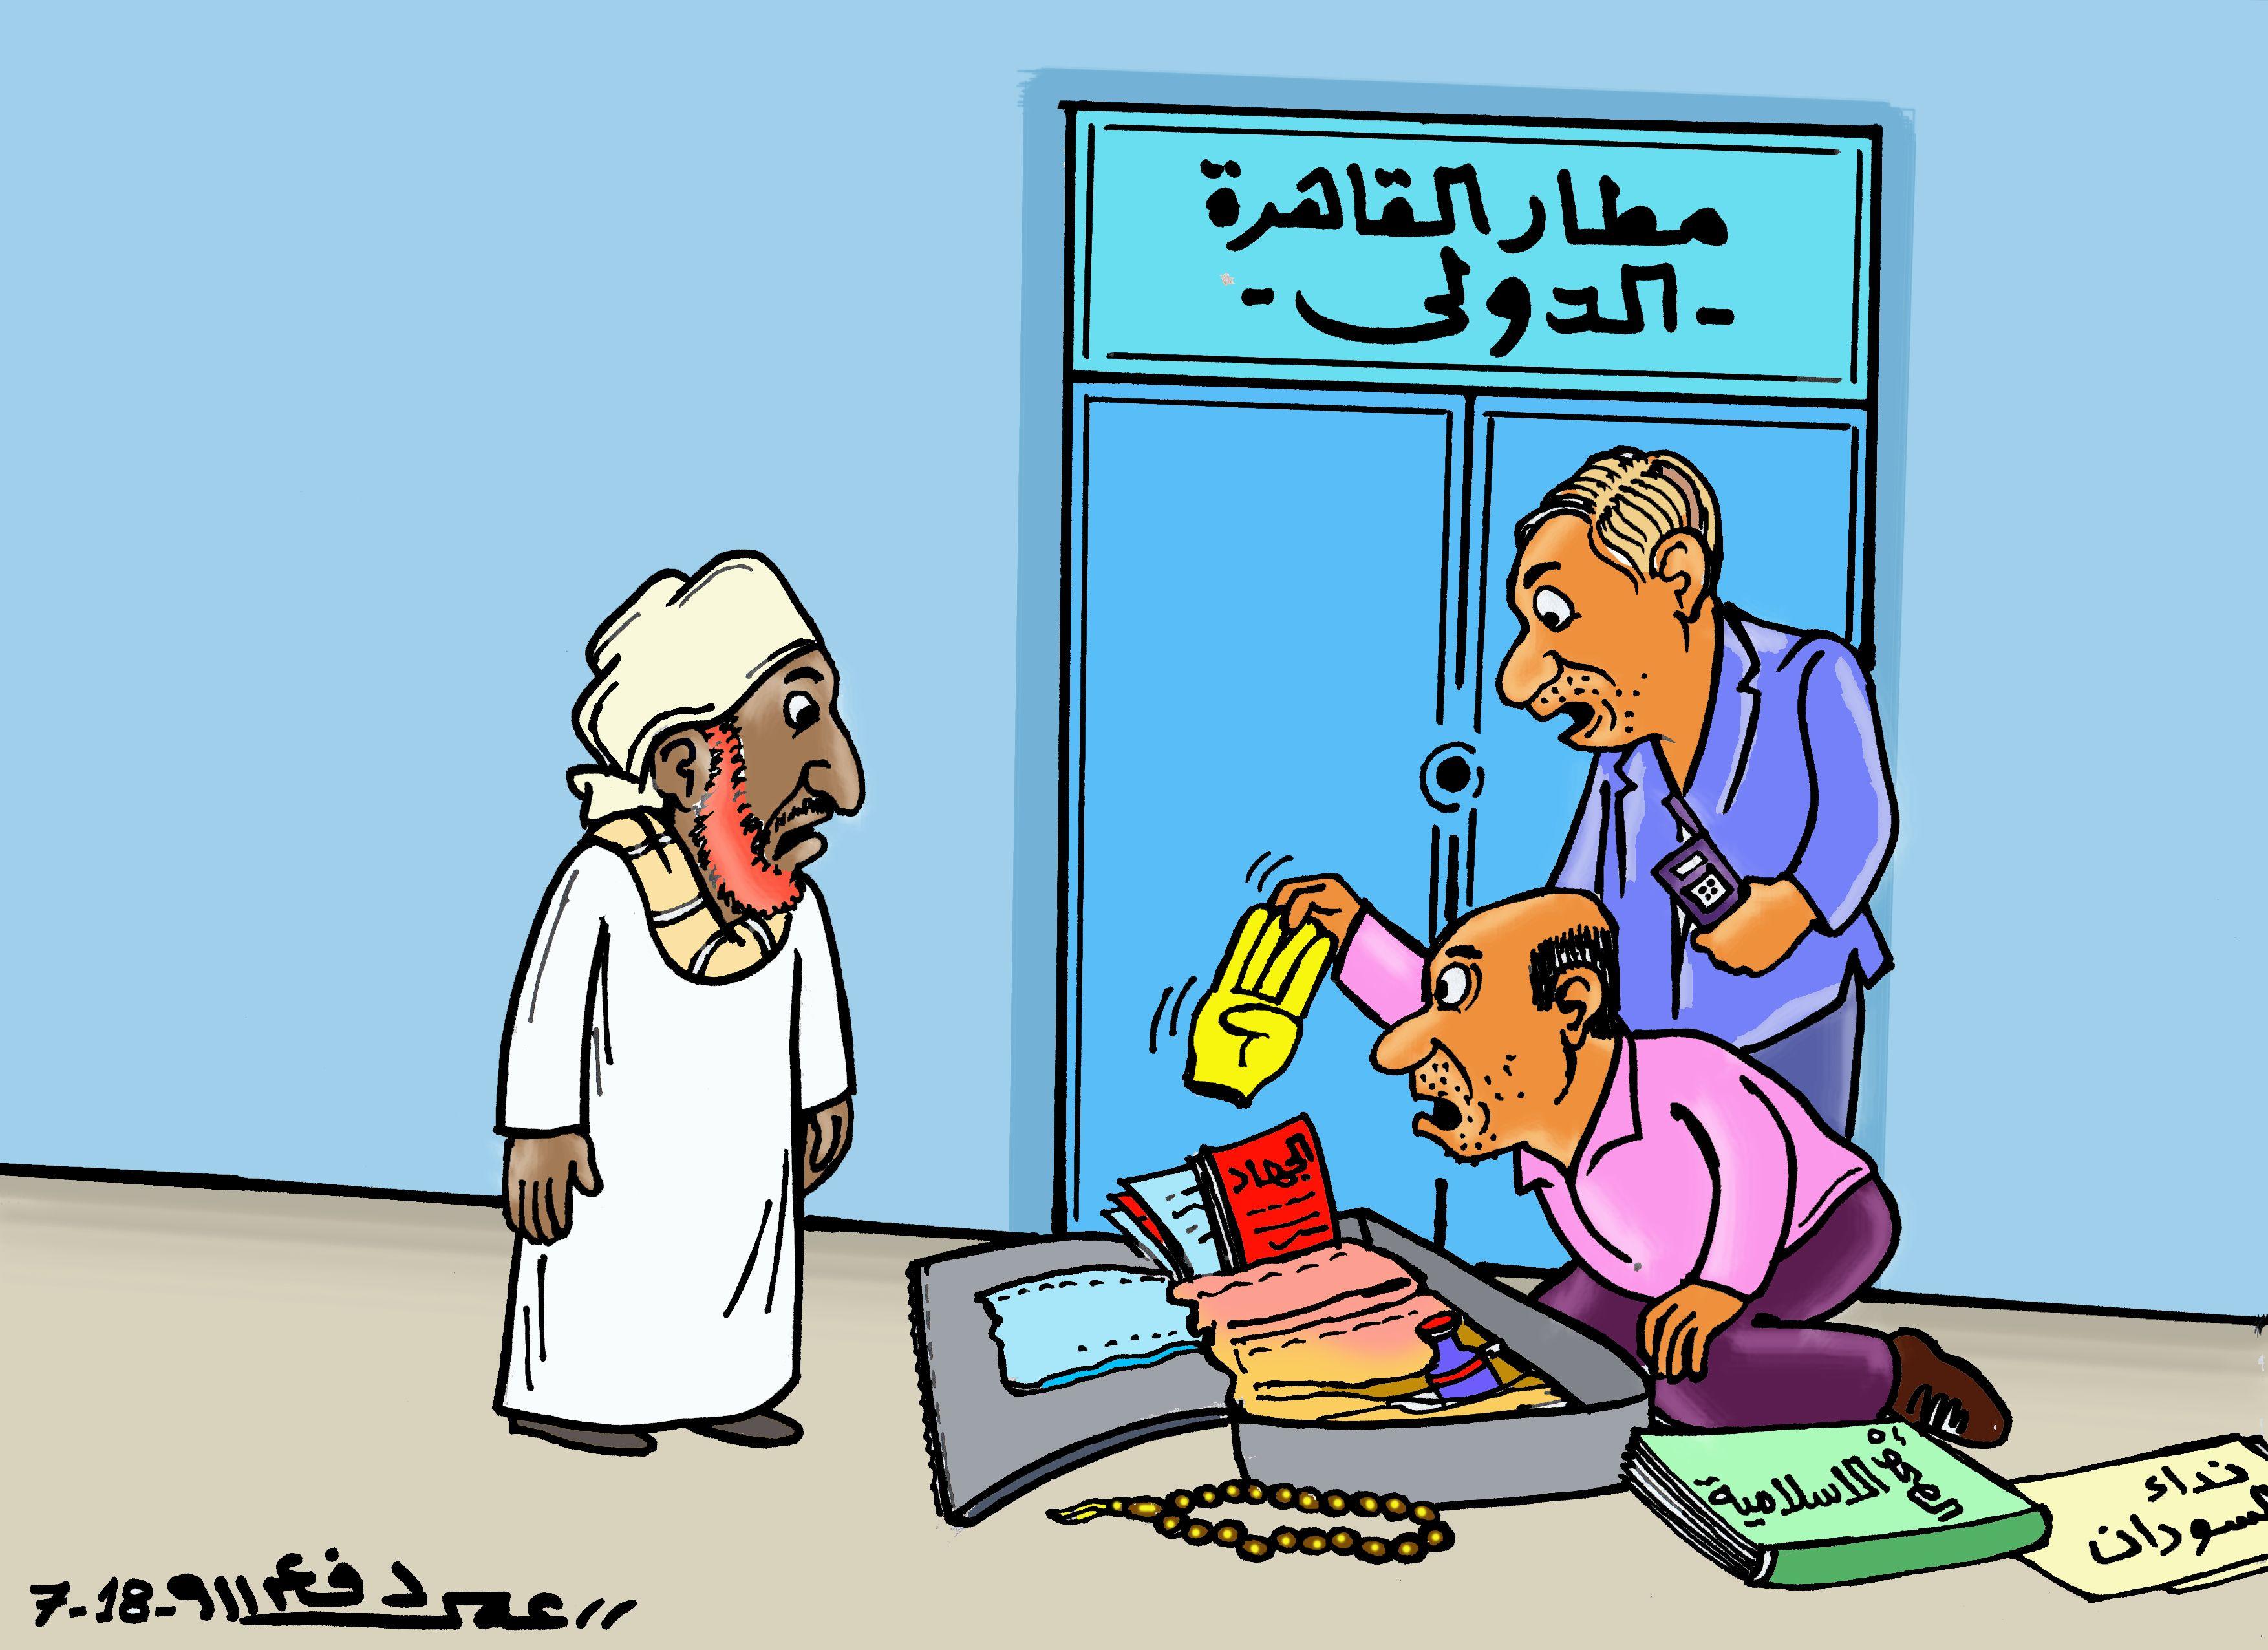 كاركاتير اليوم الموافق 02 يوليو 2018 للفنان عمر دفع الله